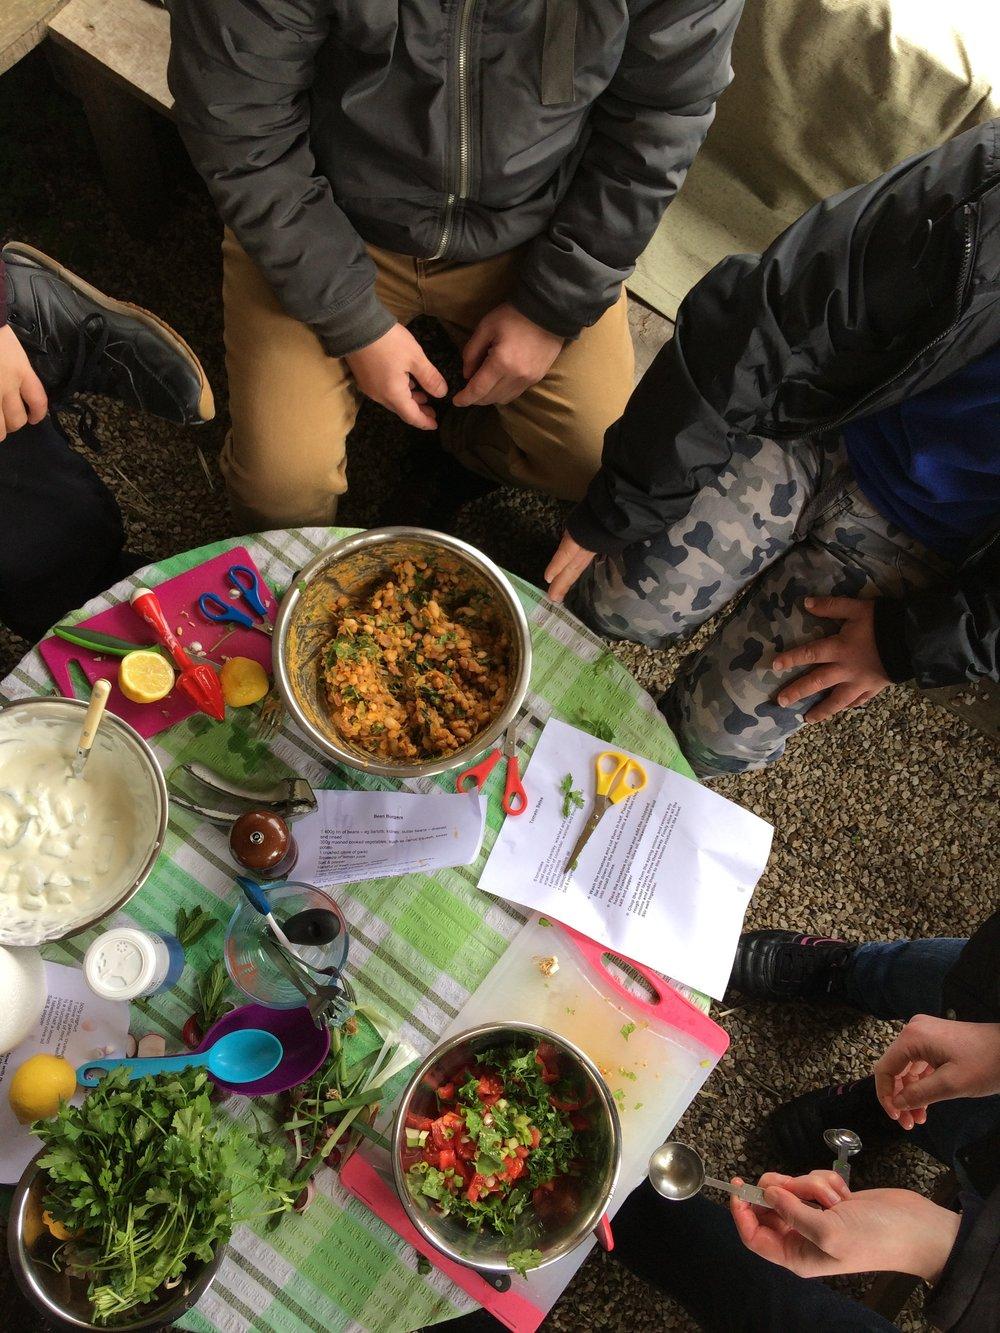 chloe edwards fire and feast lca food apr 2017.JPG